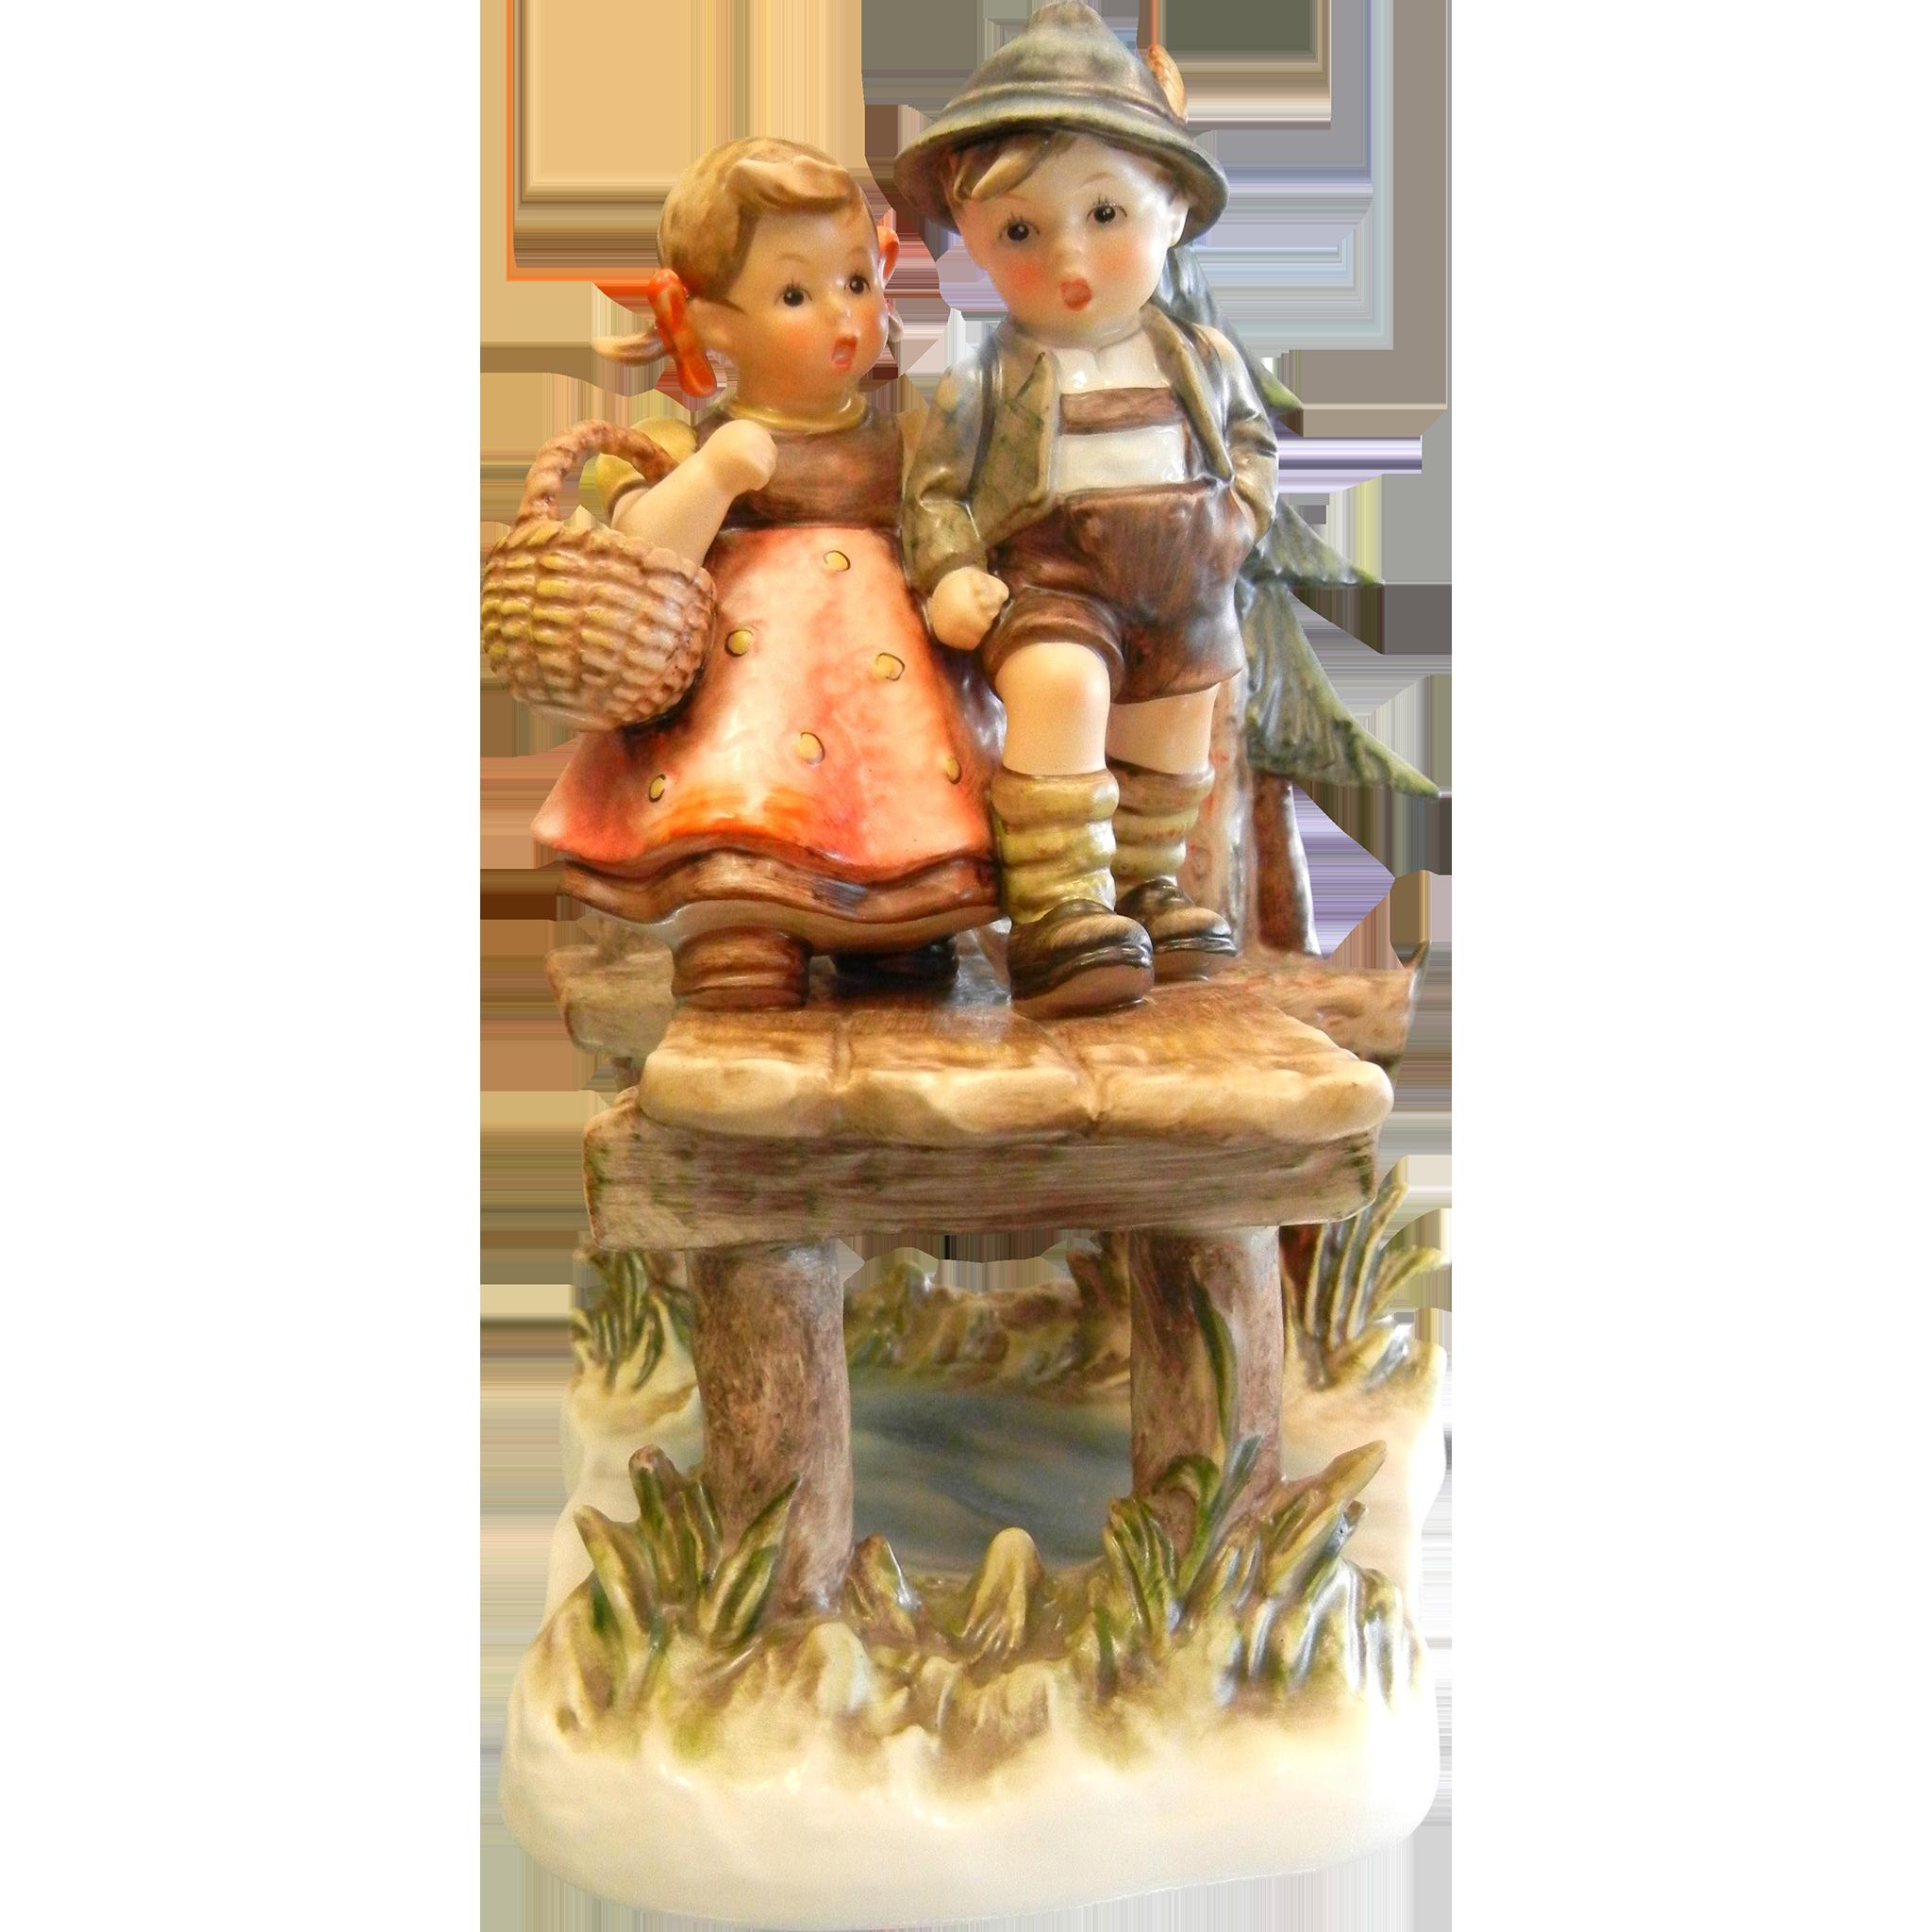 Vintage 1992 Goebel Hummel Porcelain Figurine Quot On Our